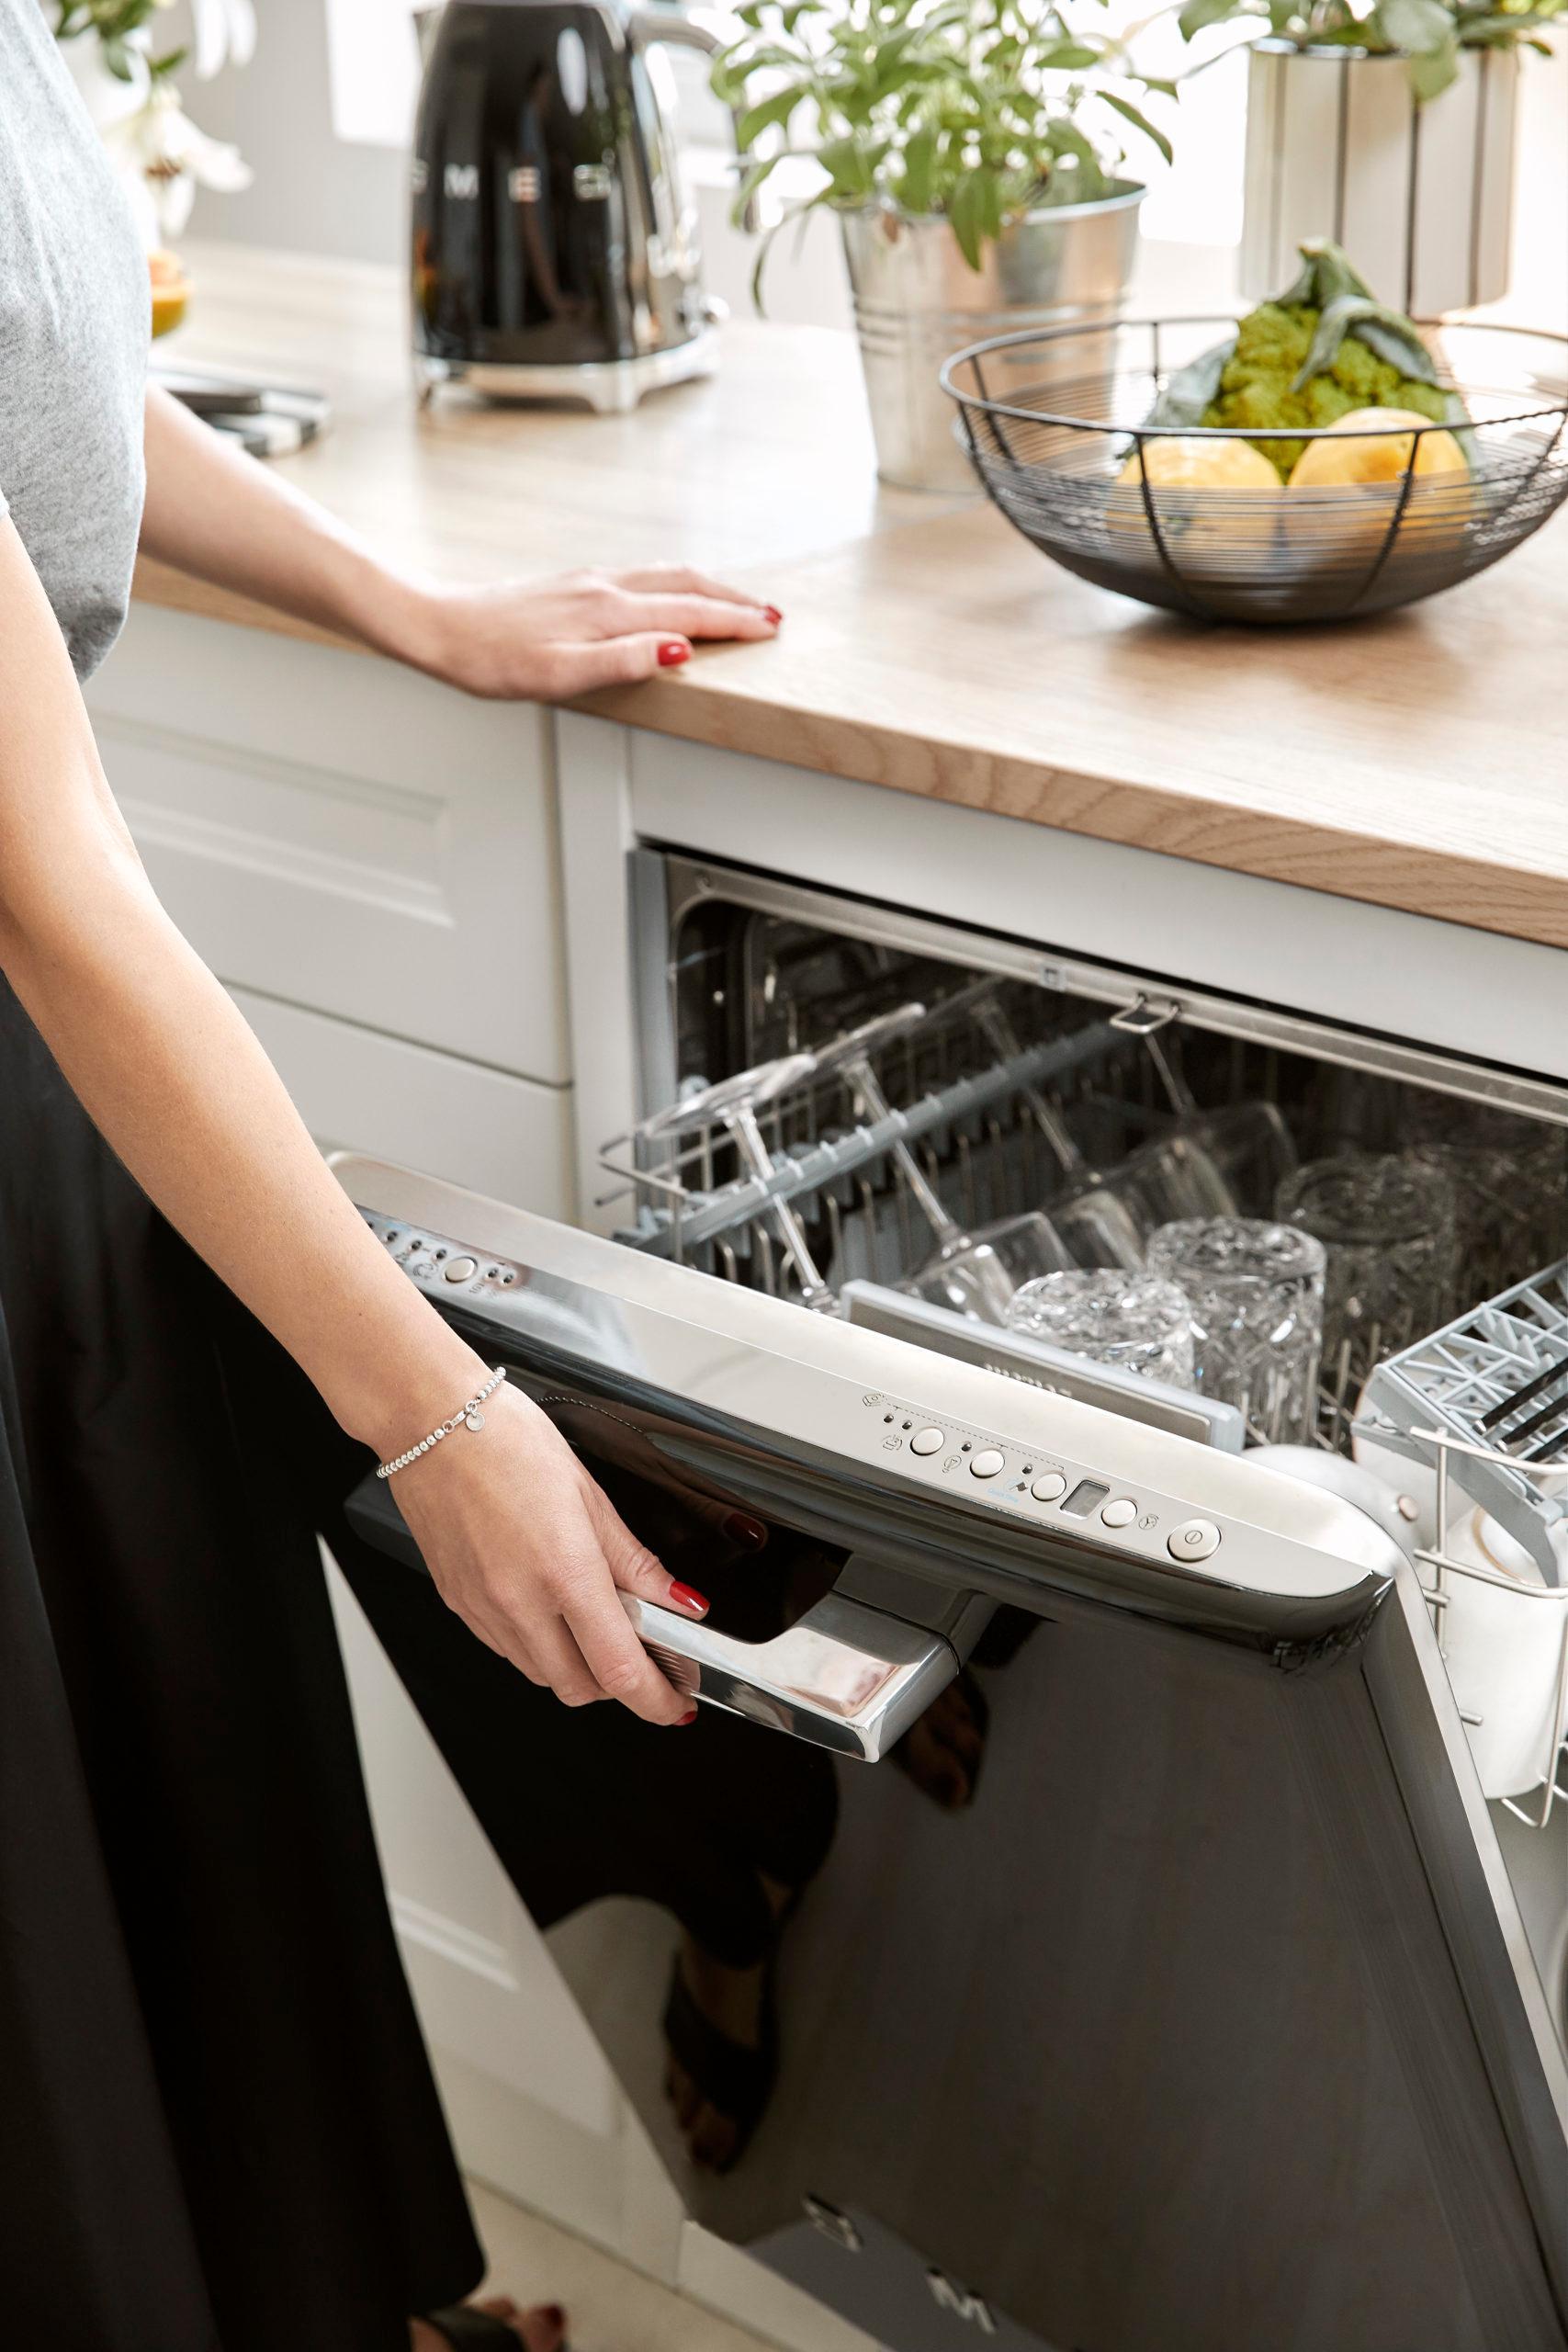 keuken met zwarte smeg vaatwasmachine